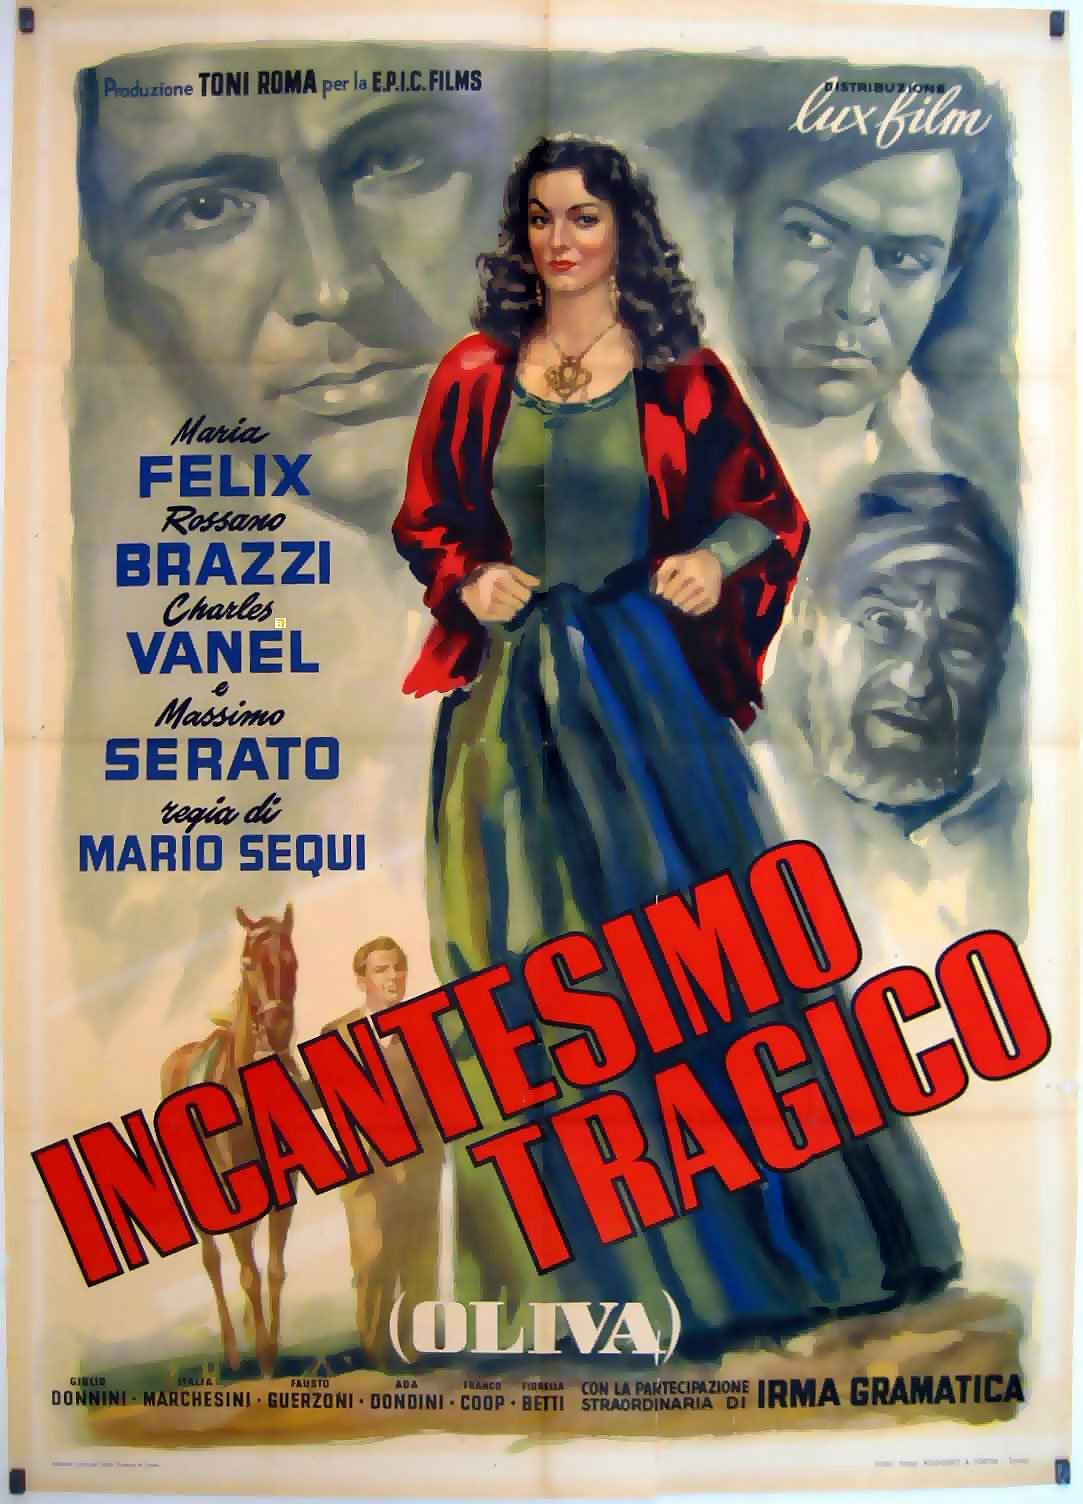 Incantesimo tragico: la locandina del film